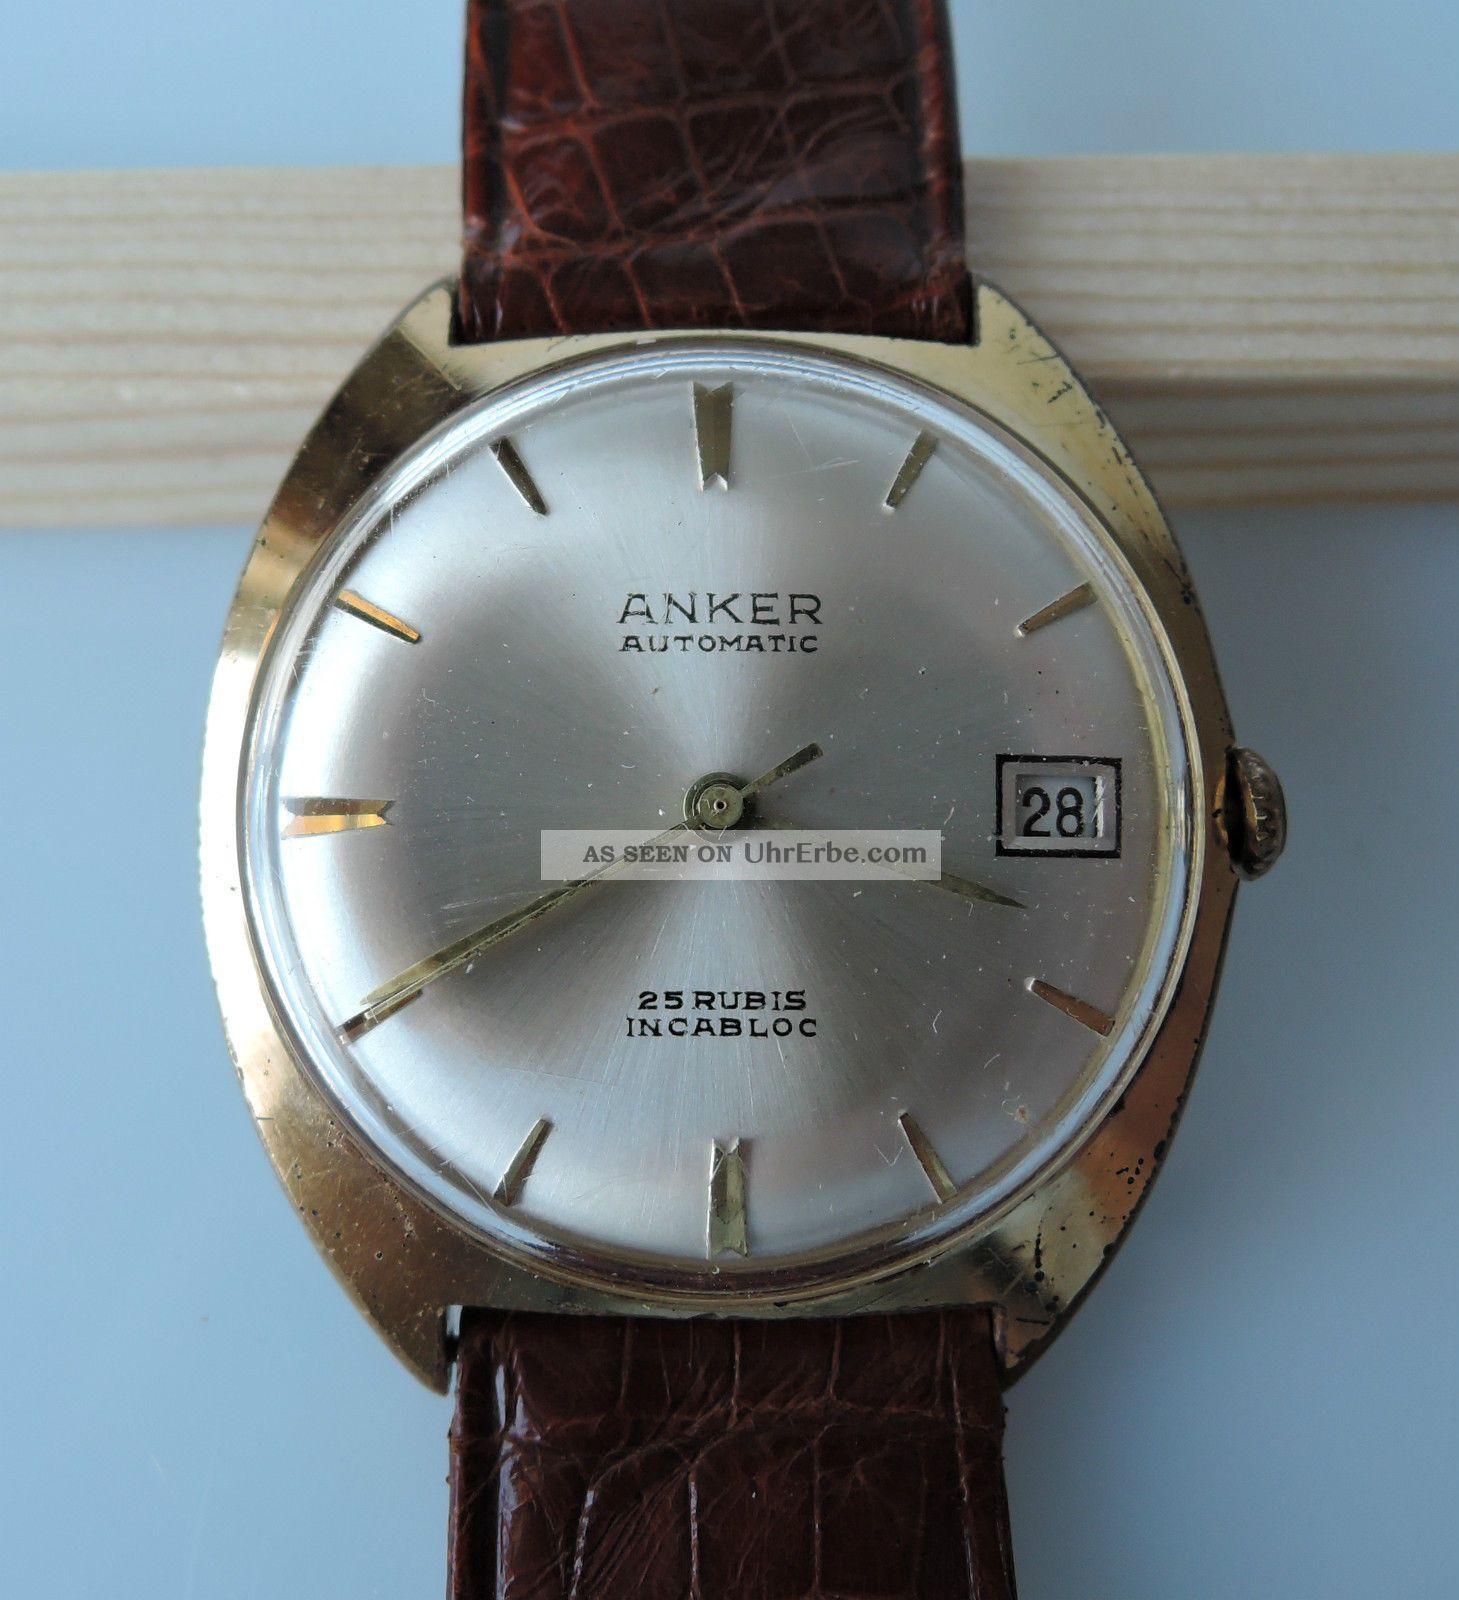 Anker Automatik Vintage Hau Datumsanzeige 25 Rubis Incabloc Watch Armbanduhren Bild